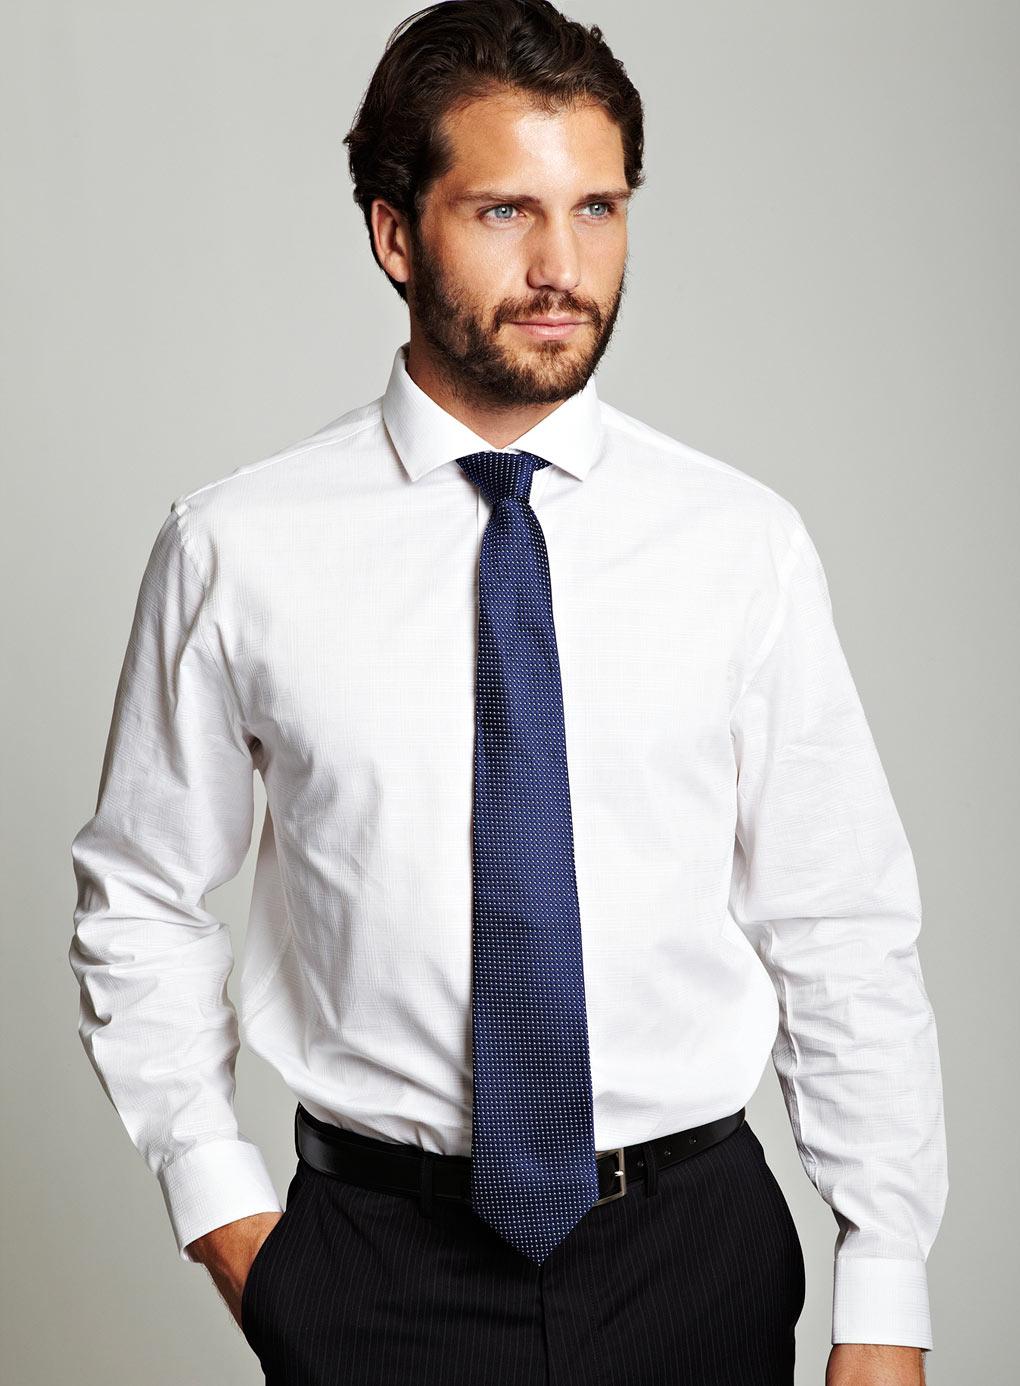 белая рубашка с галстуком фото денег